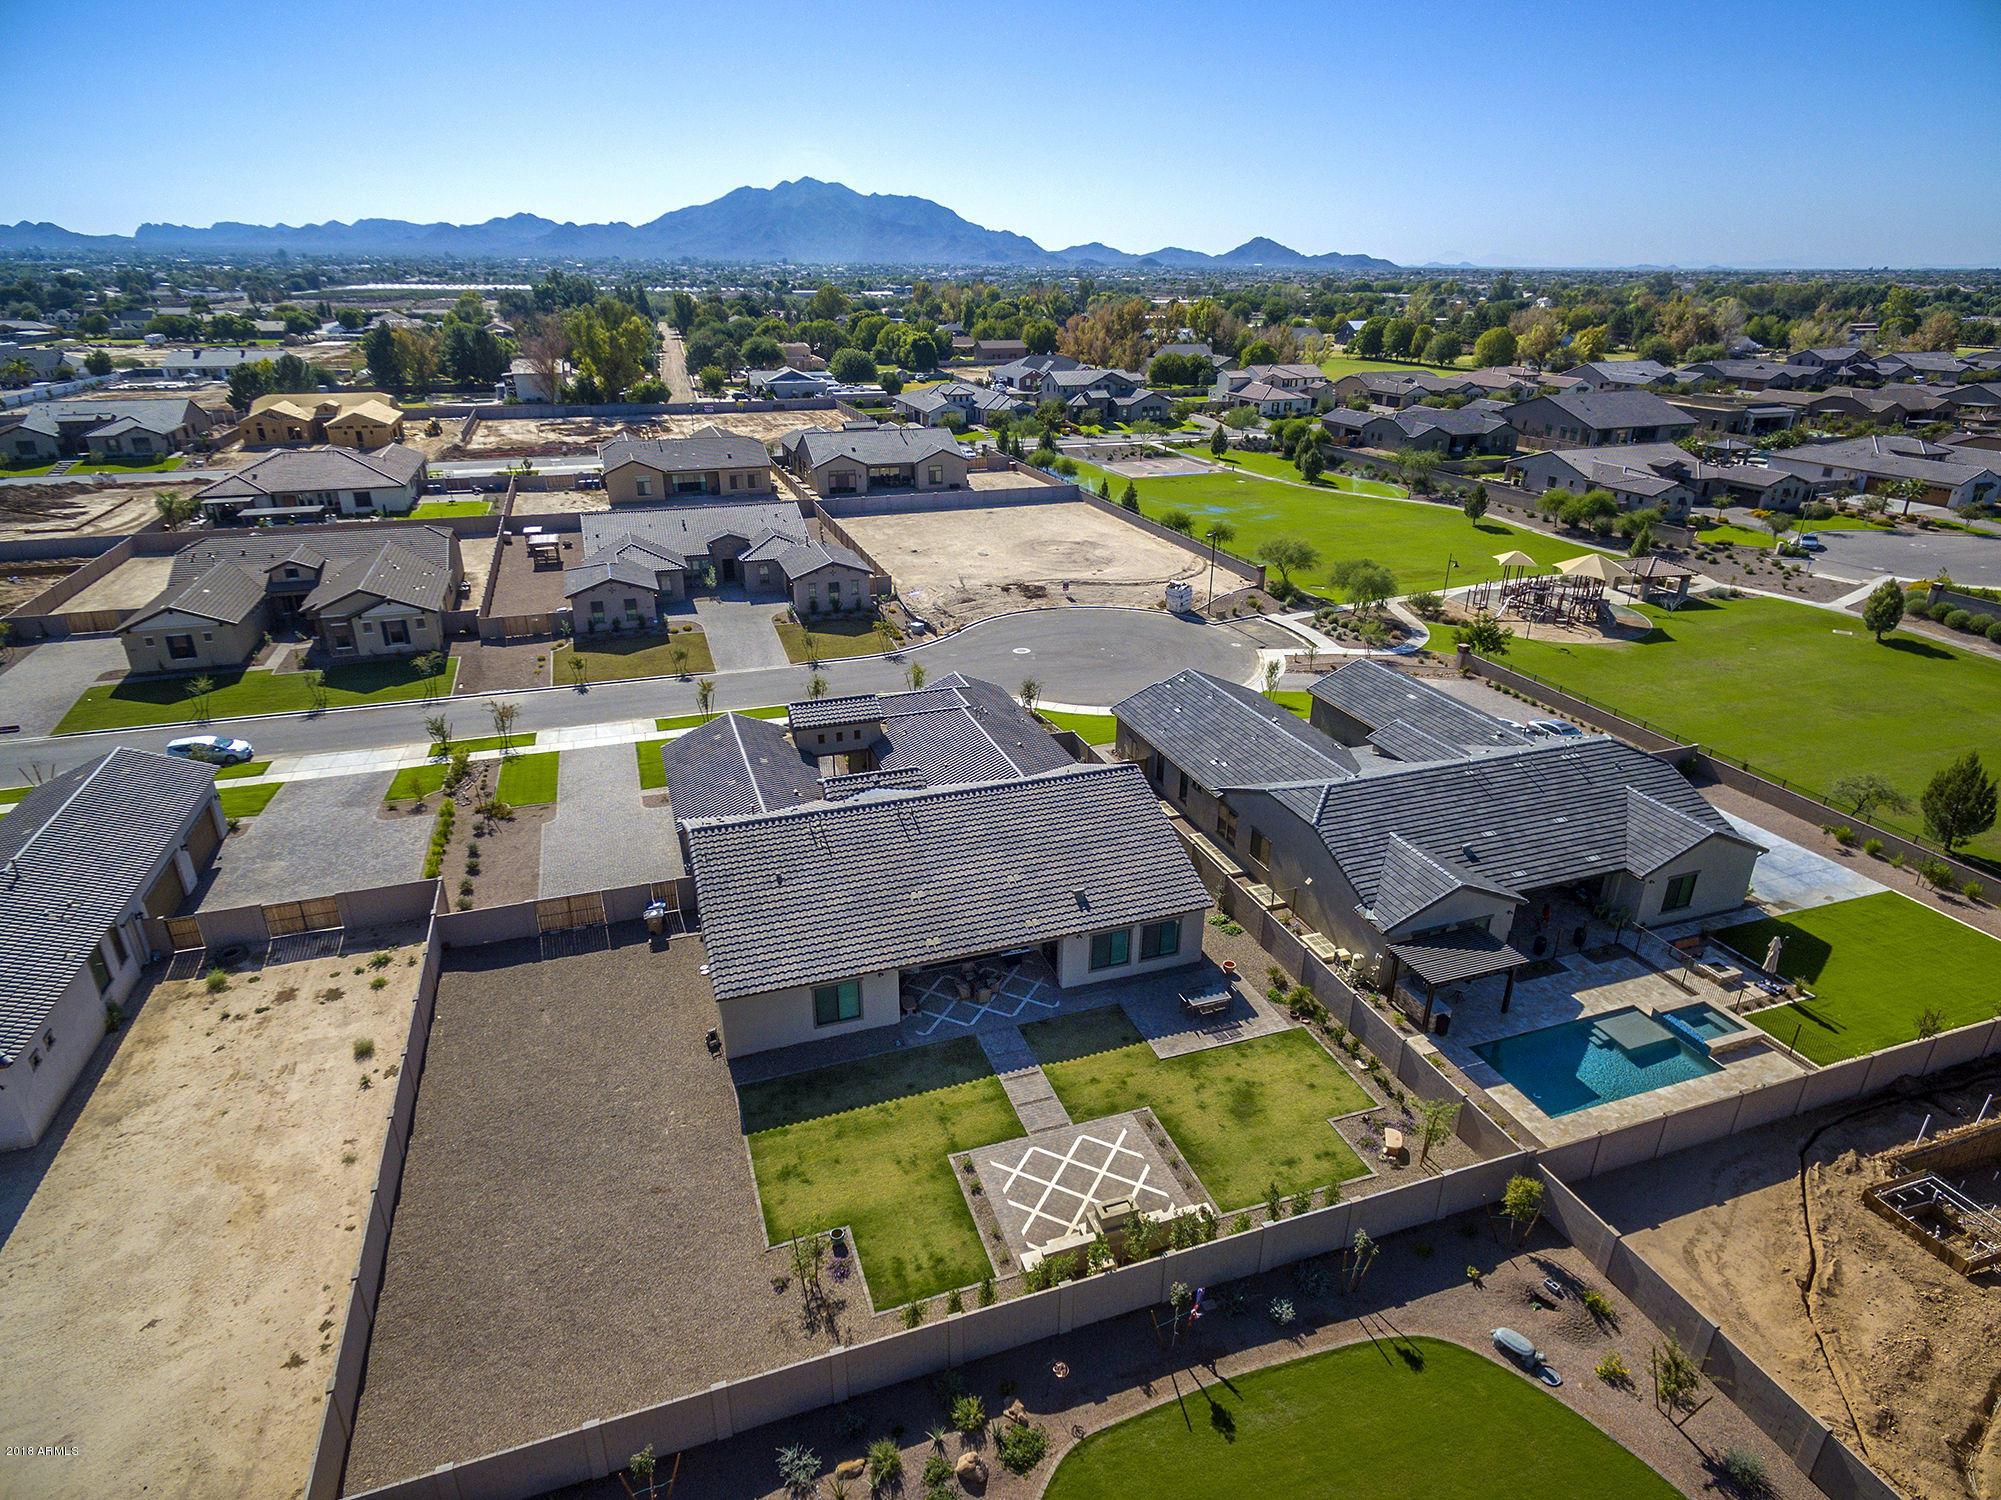 MLS 5847743 17850 E BRONCO Court, Queen Creek, AZ 85142 Queen Creek AZ Newly Built